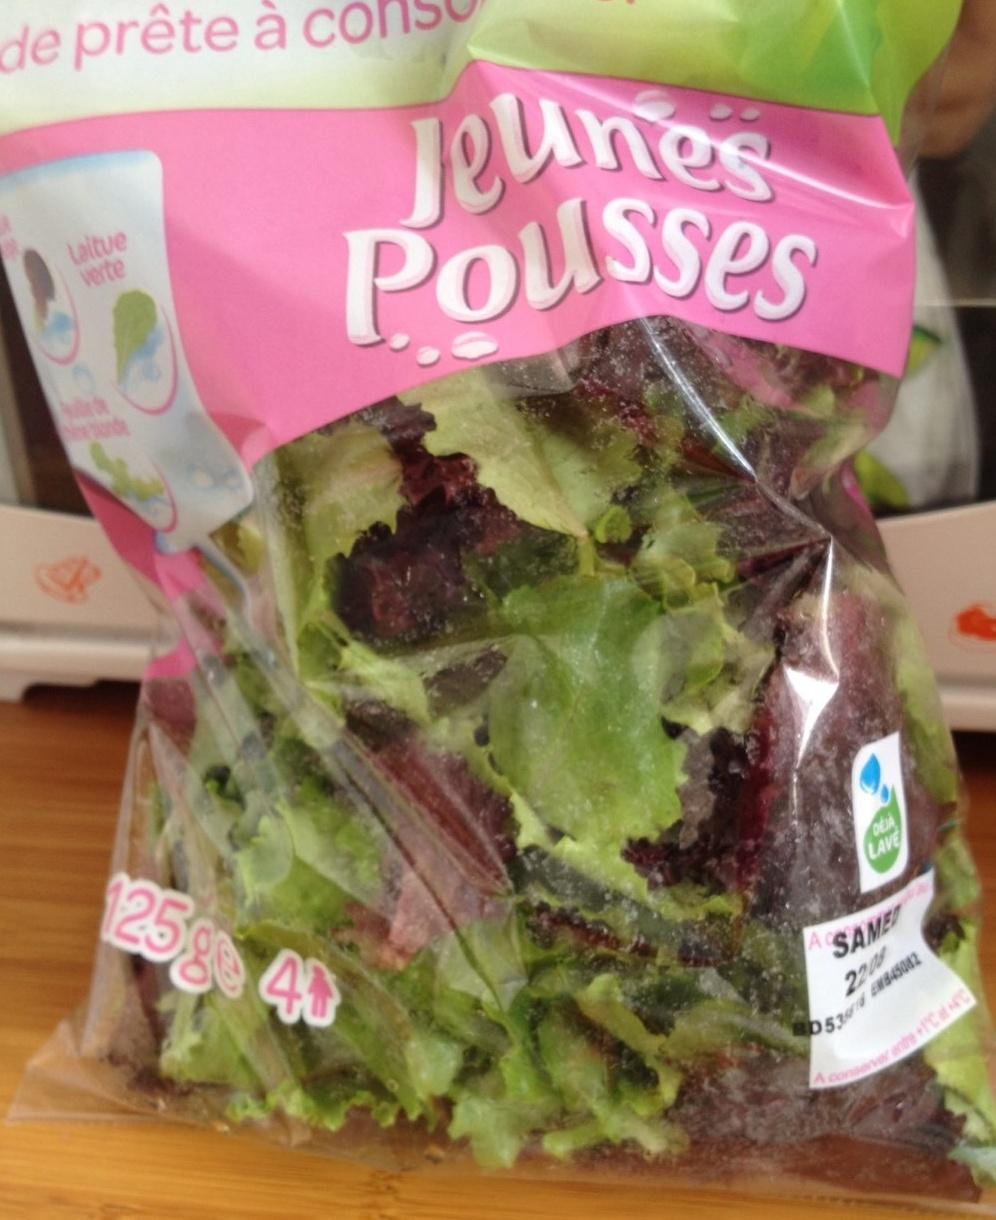 Salade prête à consommer, Jeunes Pousses (4 portions) - Product - fr